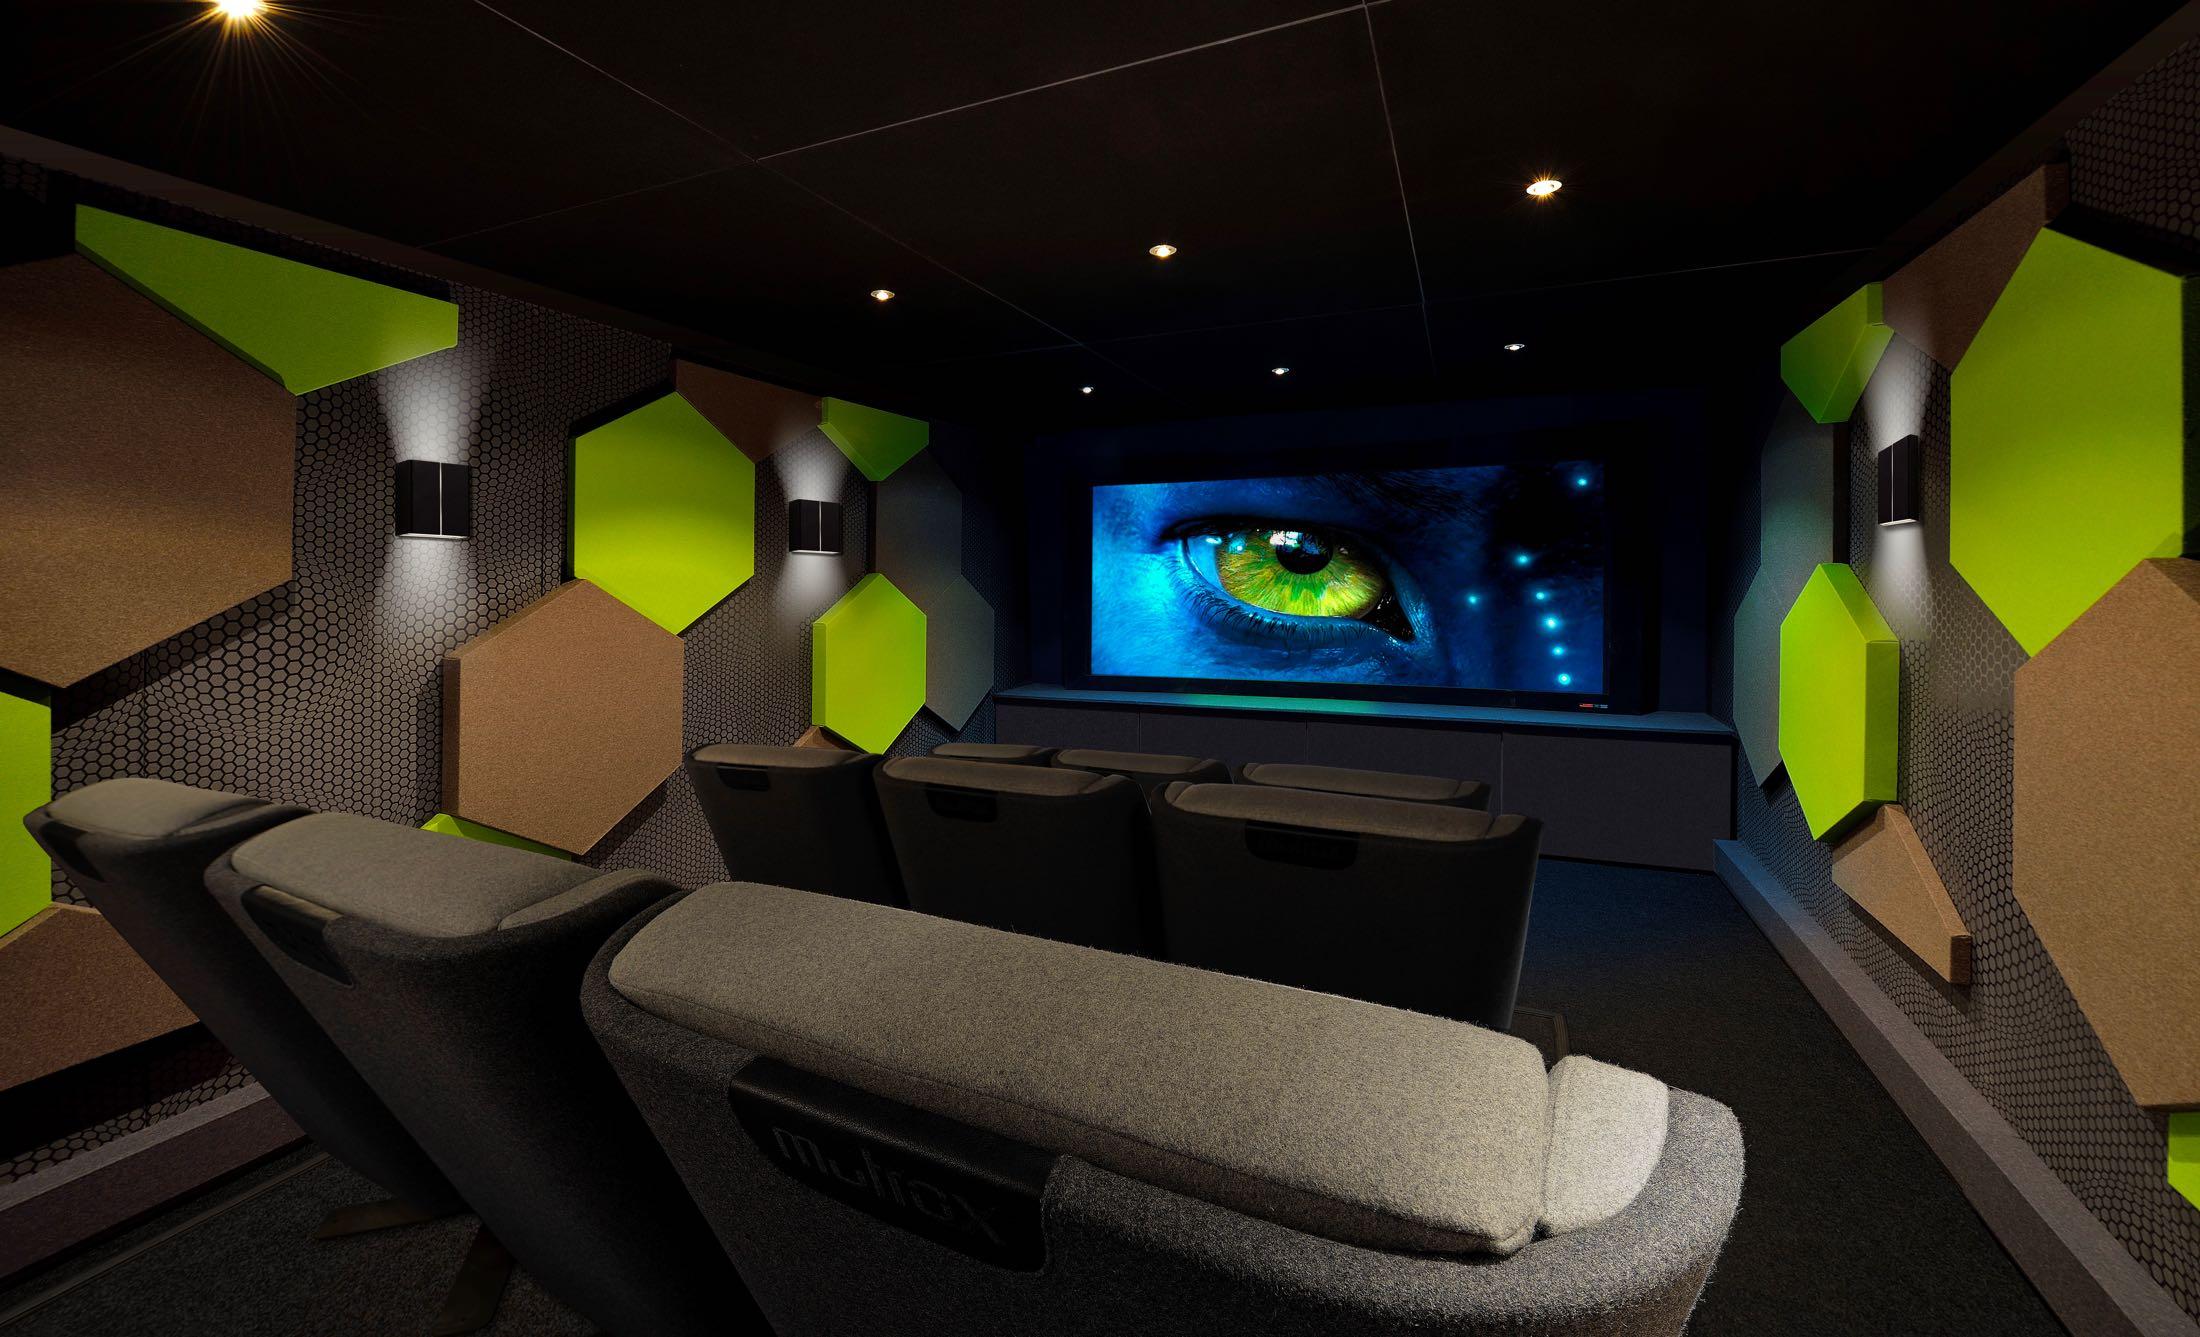 Akoestiek En Home Cinema Hoe Pak Je De Optimalisatie Van Geluid Aan Fwd